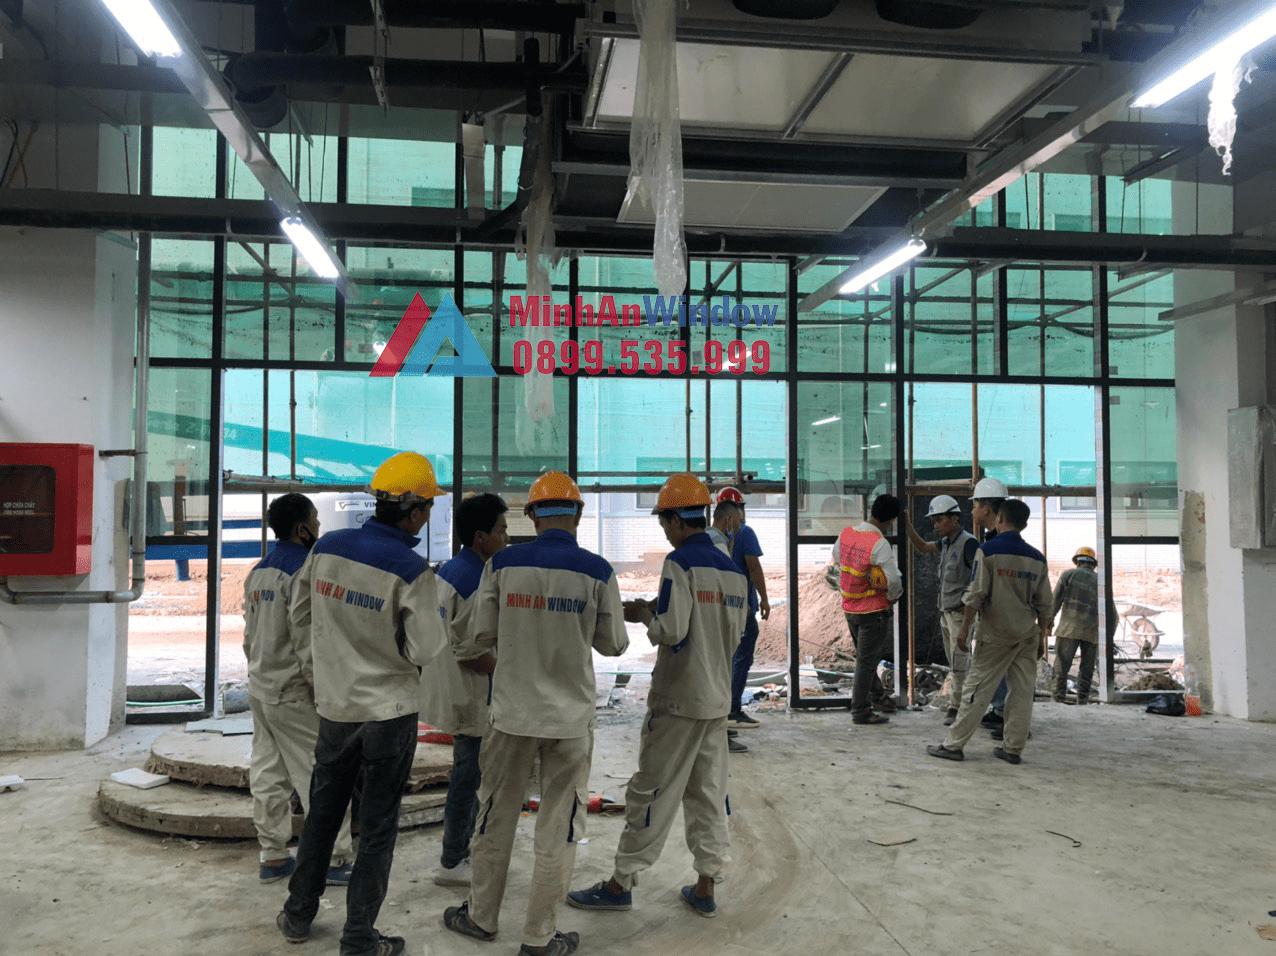 [2021]Thi Công & Lắp Đặt Cửa Nhôm Kính Tại Bắc Ninh 2